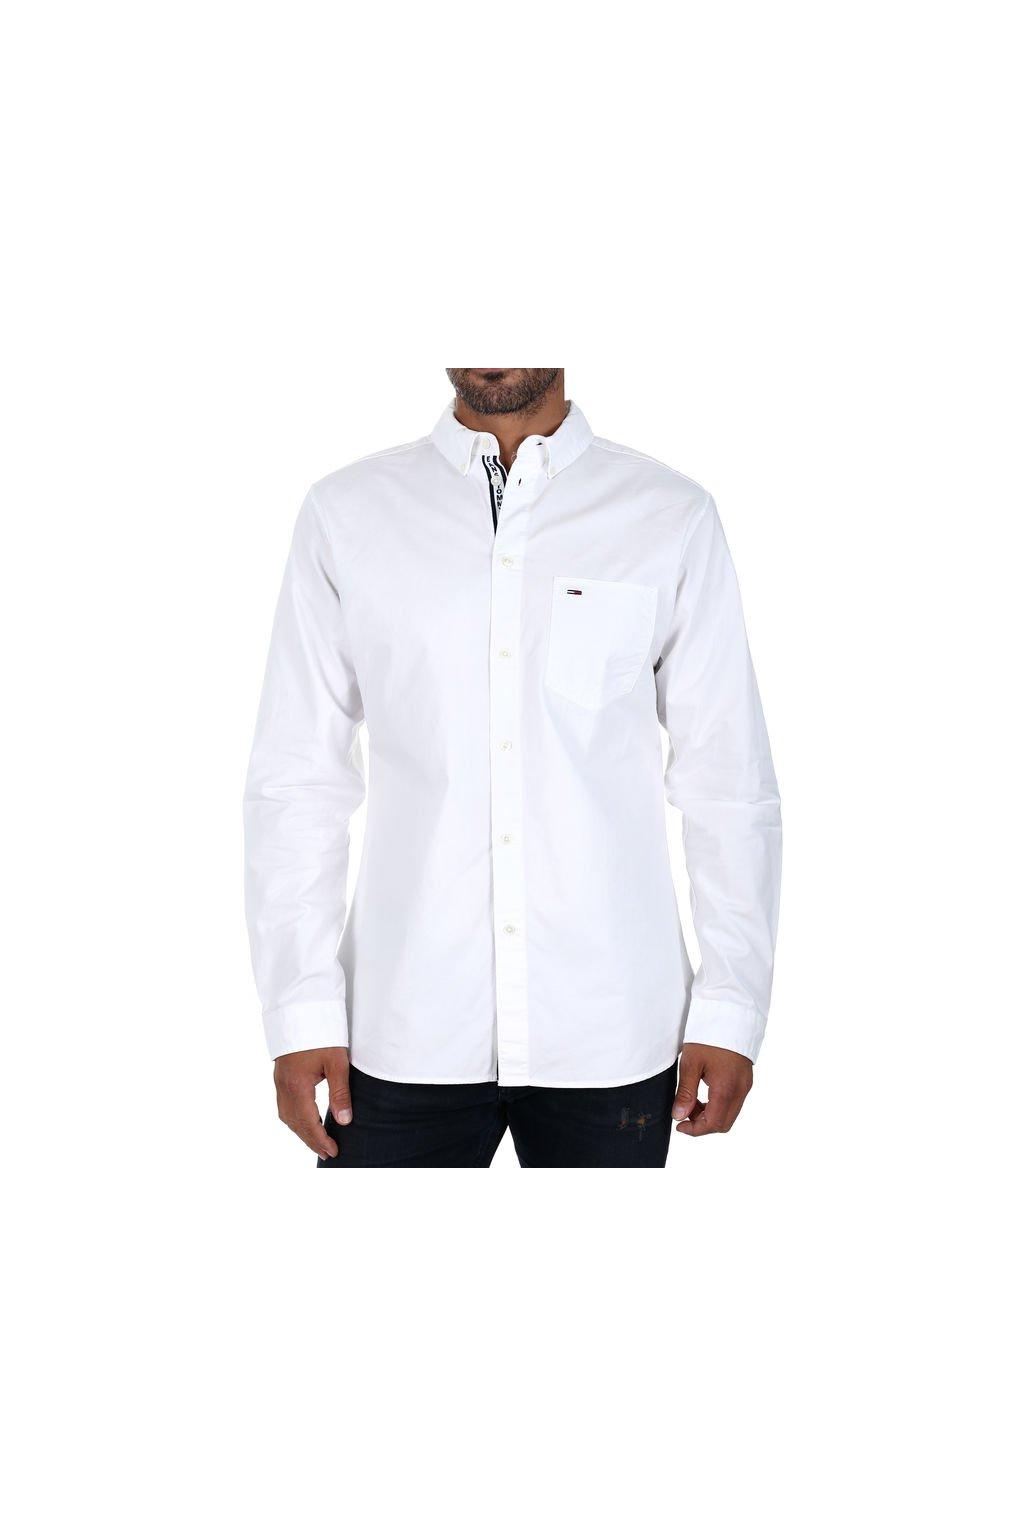 Pánská košile Tommy Hilfiger DM0DM05207